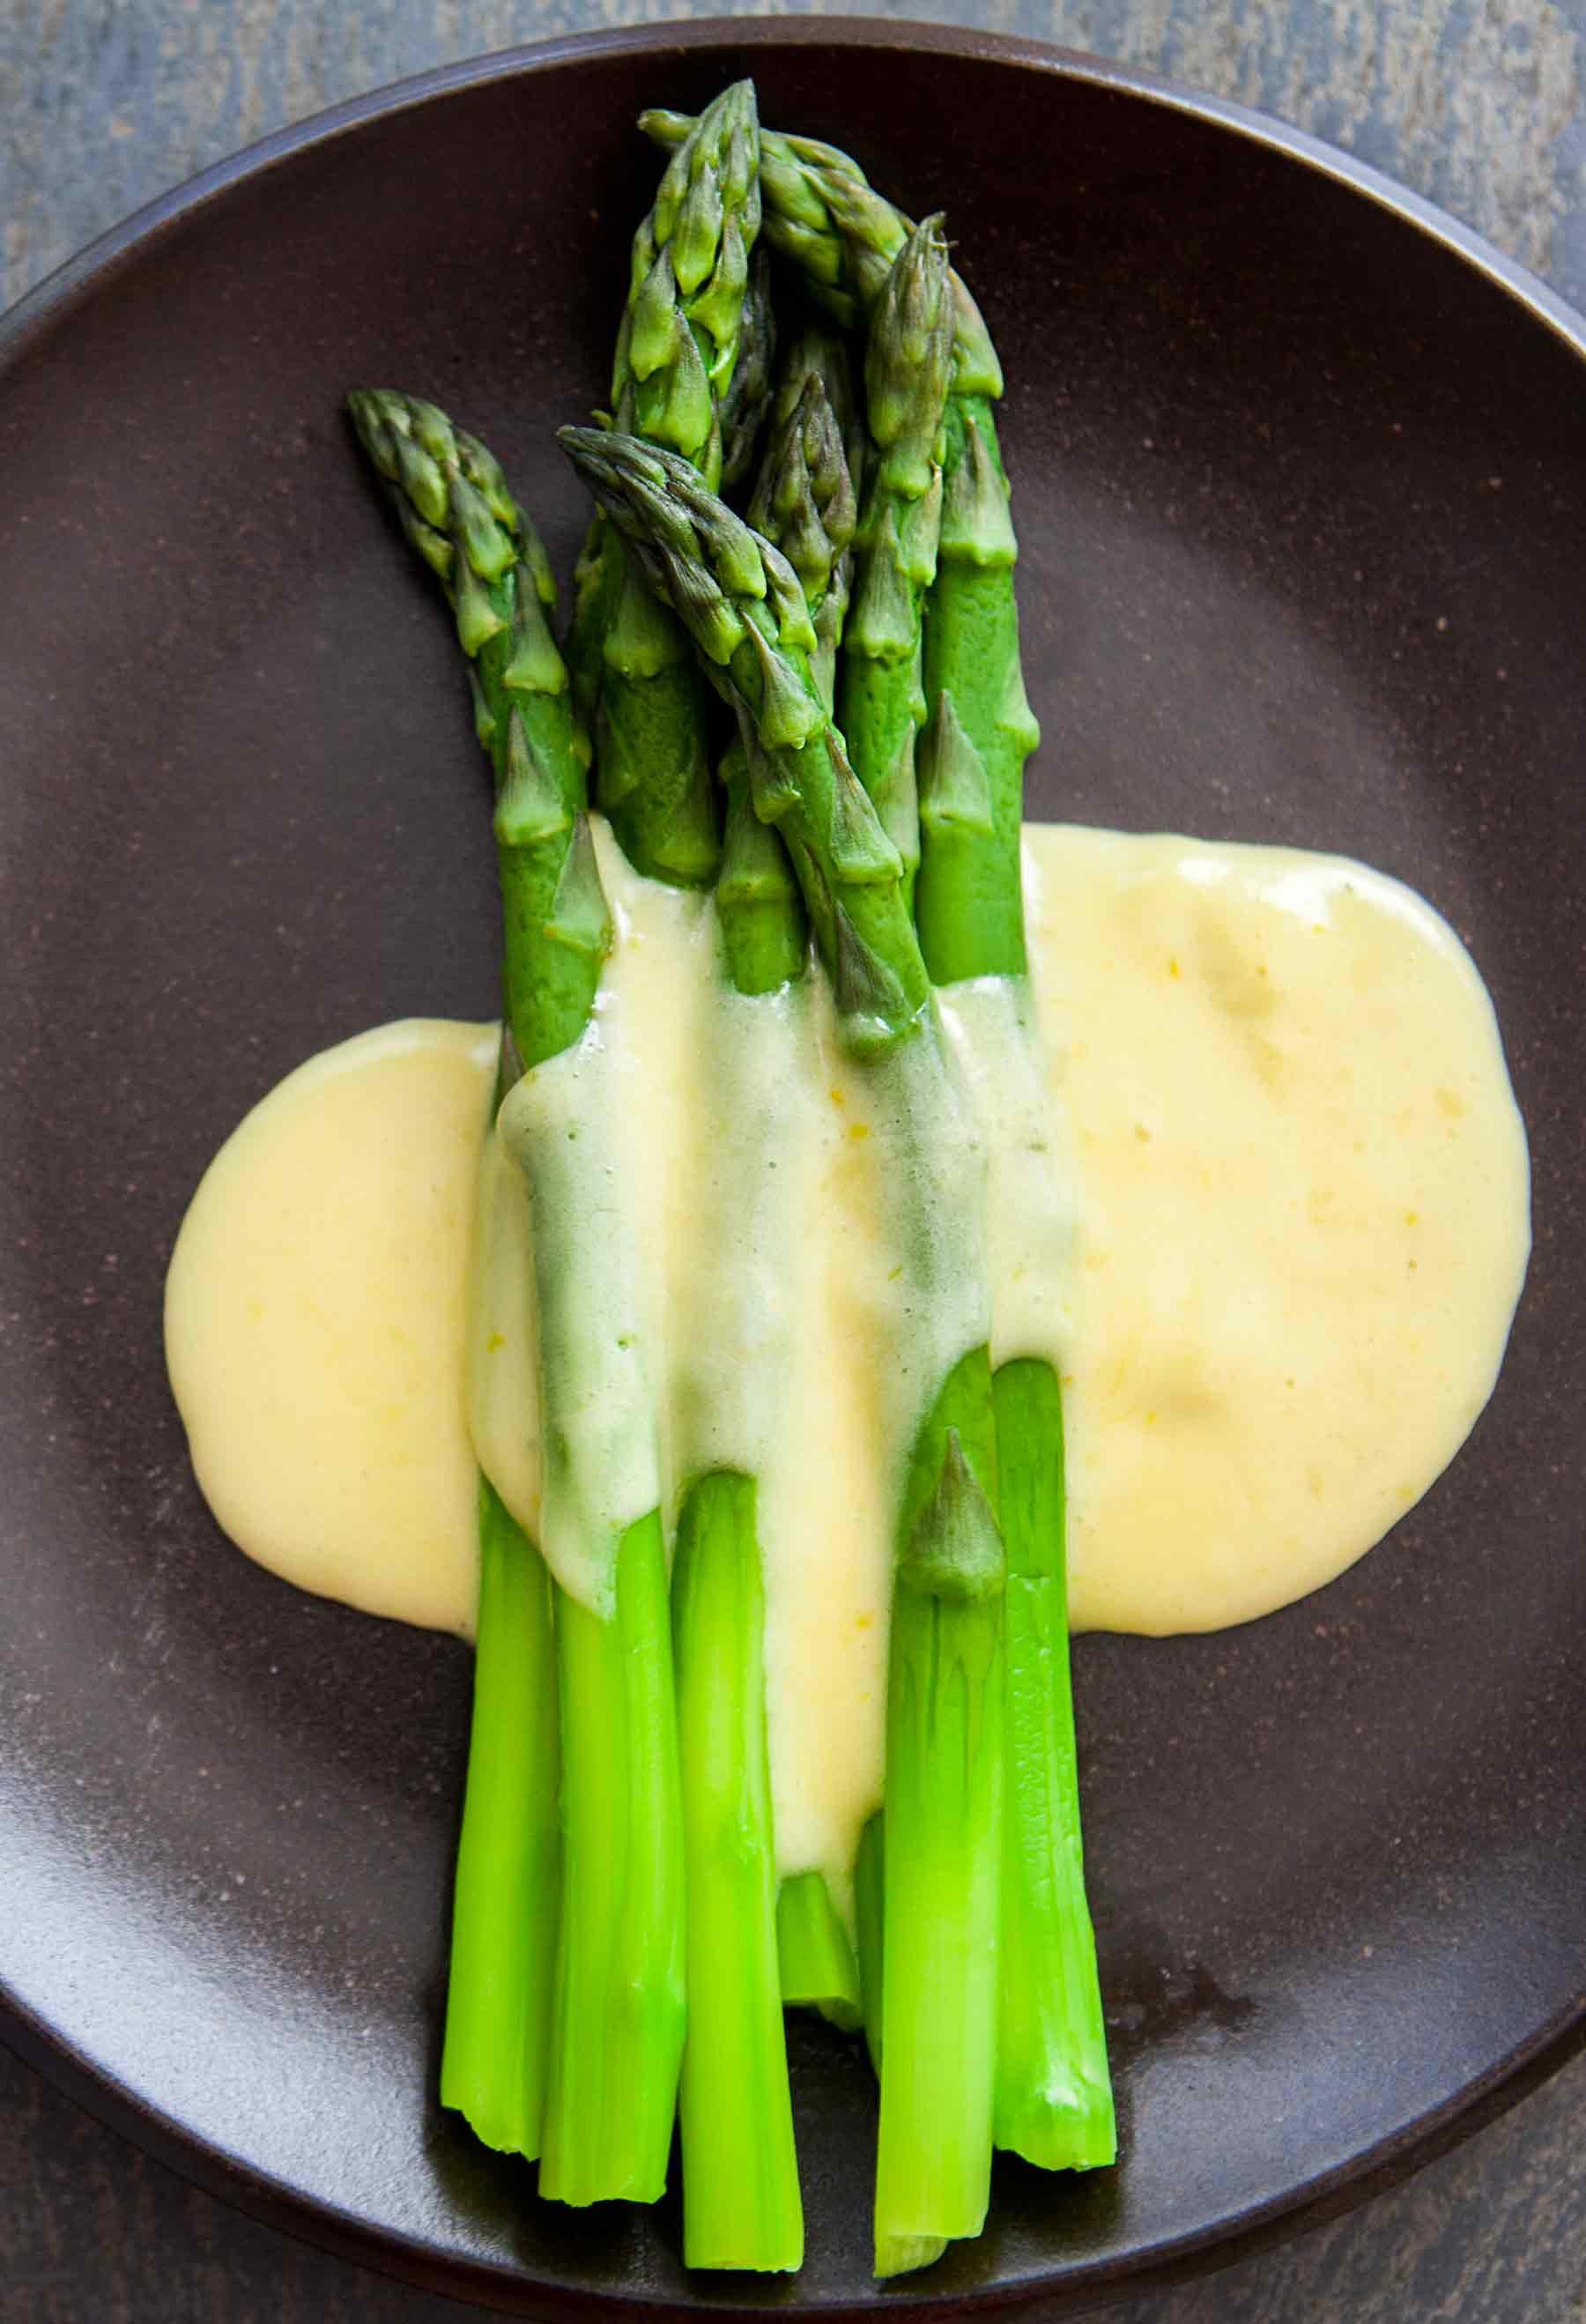 Sauce For Asparagus  Steamed Asparagus and Homemade Hollandaise